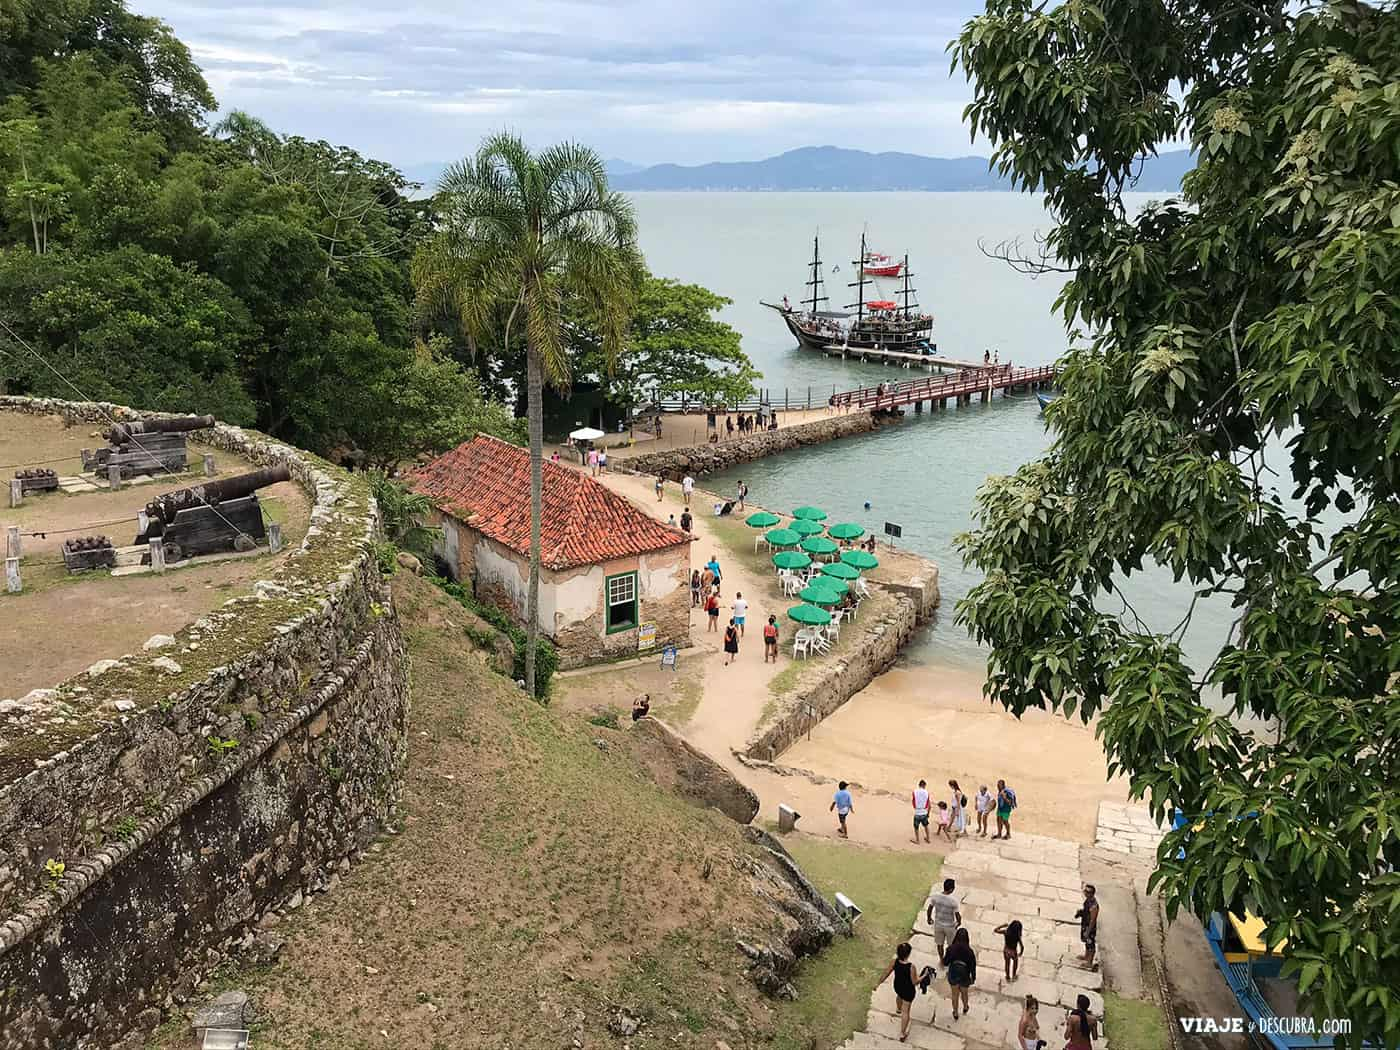 fortaleza-ilha-anhatomirim,-paseo-de-barco-pirata,-excursiones-imperdibles,-que-hacer-en-florianopolis,-imperdibles-floripa